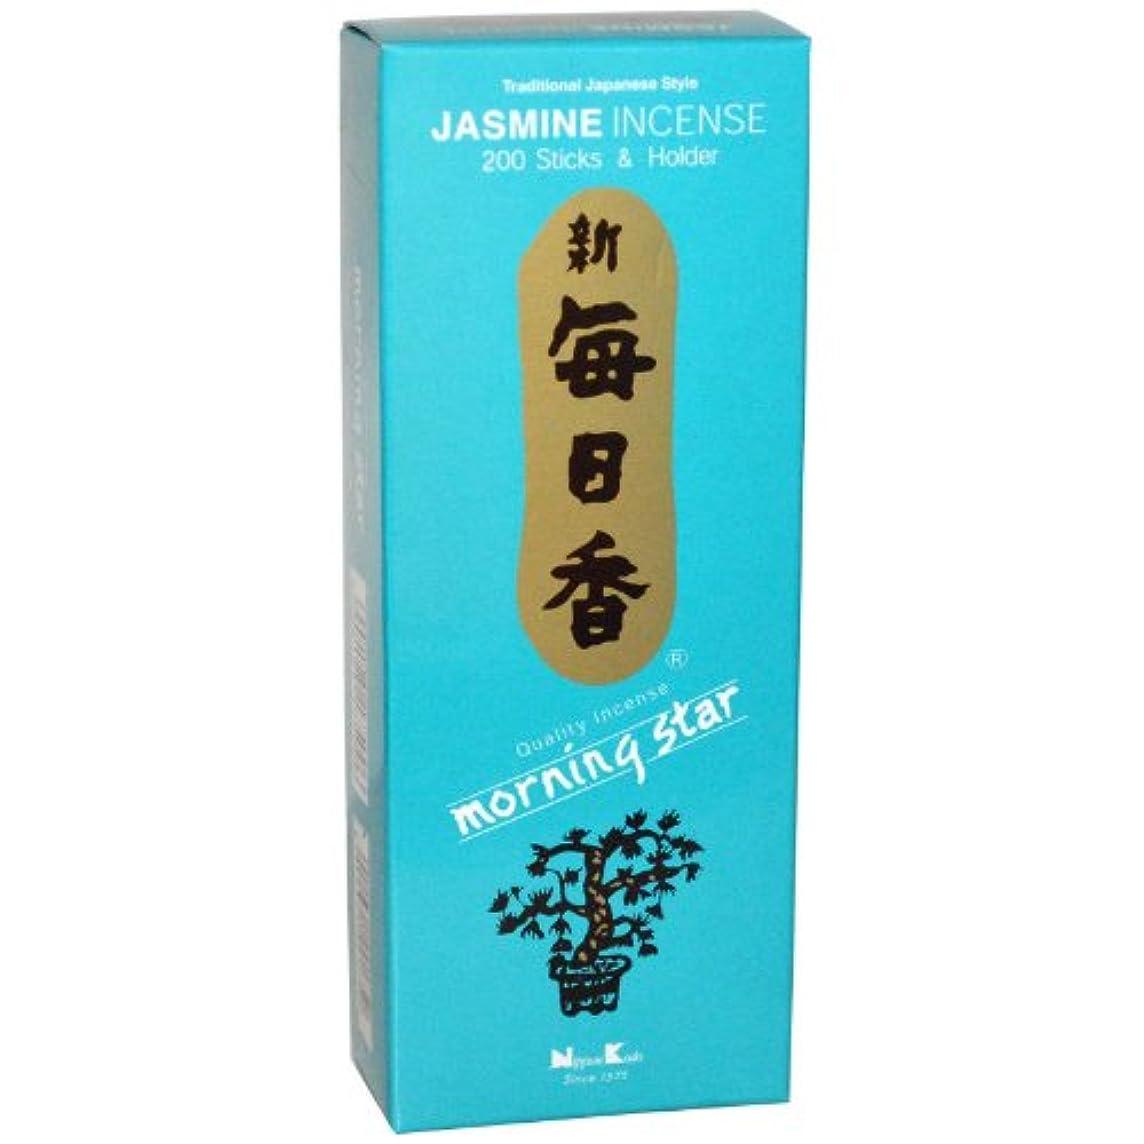 古くなったコショウウサギNippon Kodo, Morning Star, Jasmine Incense, 200 Sticks & Holder